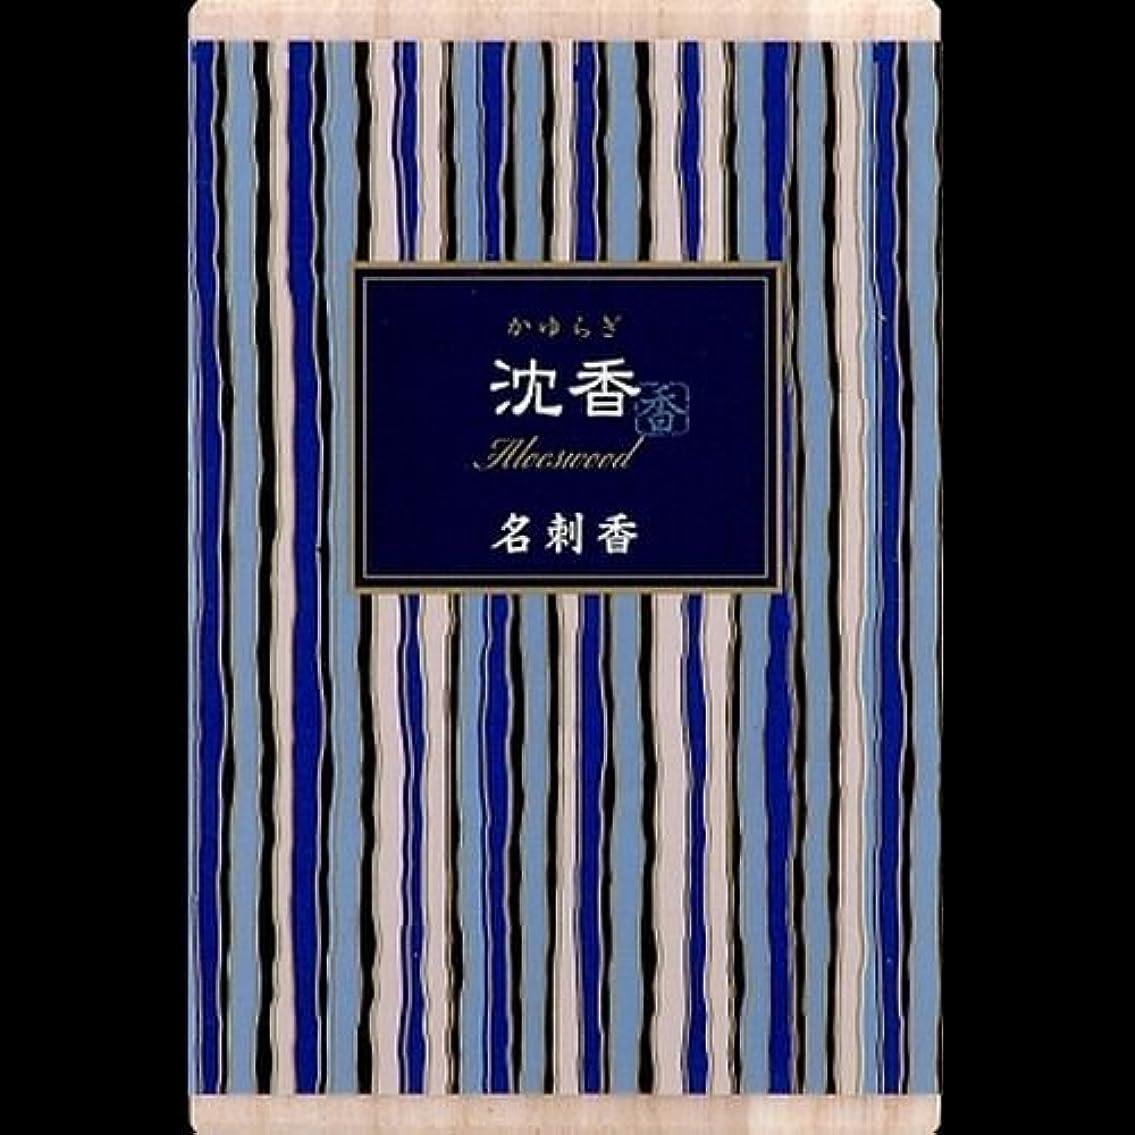 貯水池彼らのもの目指す【まとめ買い】かゆらぎ 沈香 名刺香 桐箱 6入 ×2セット